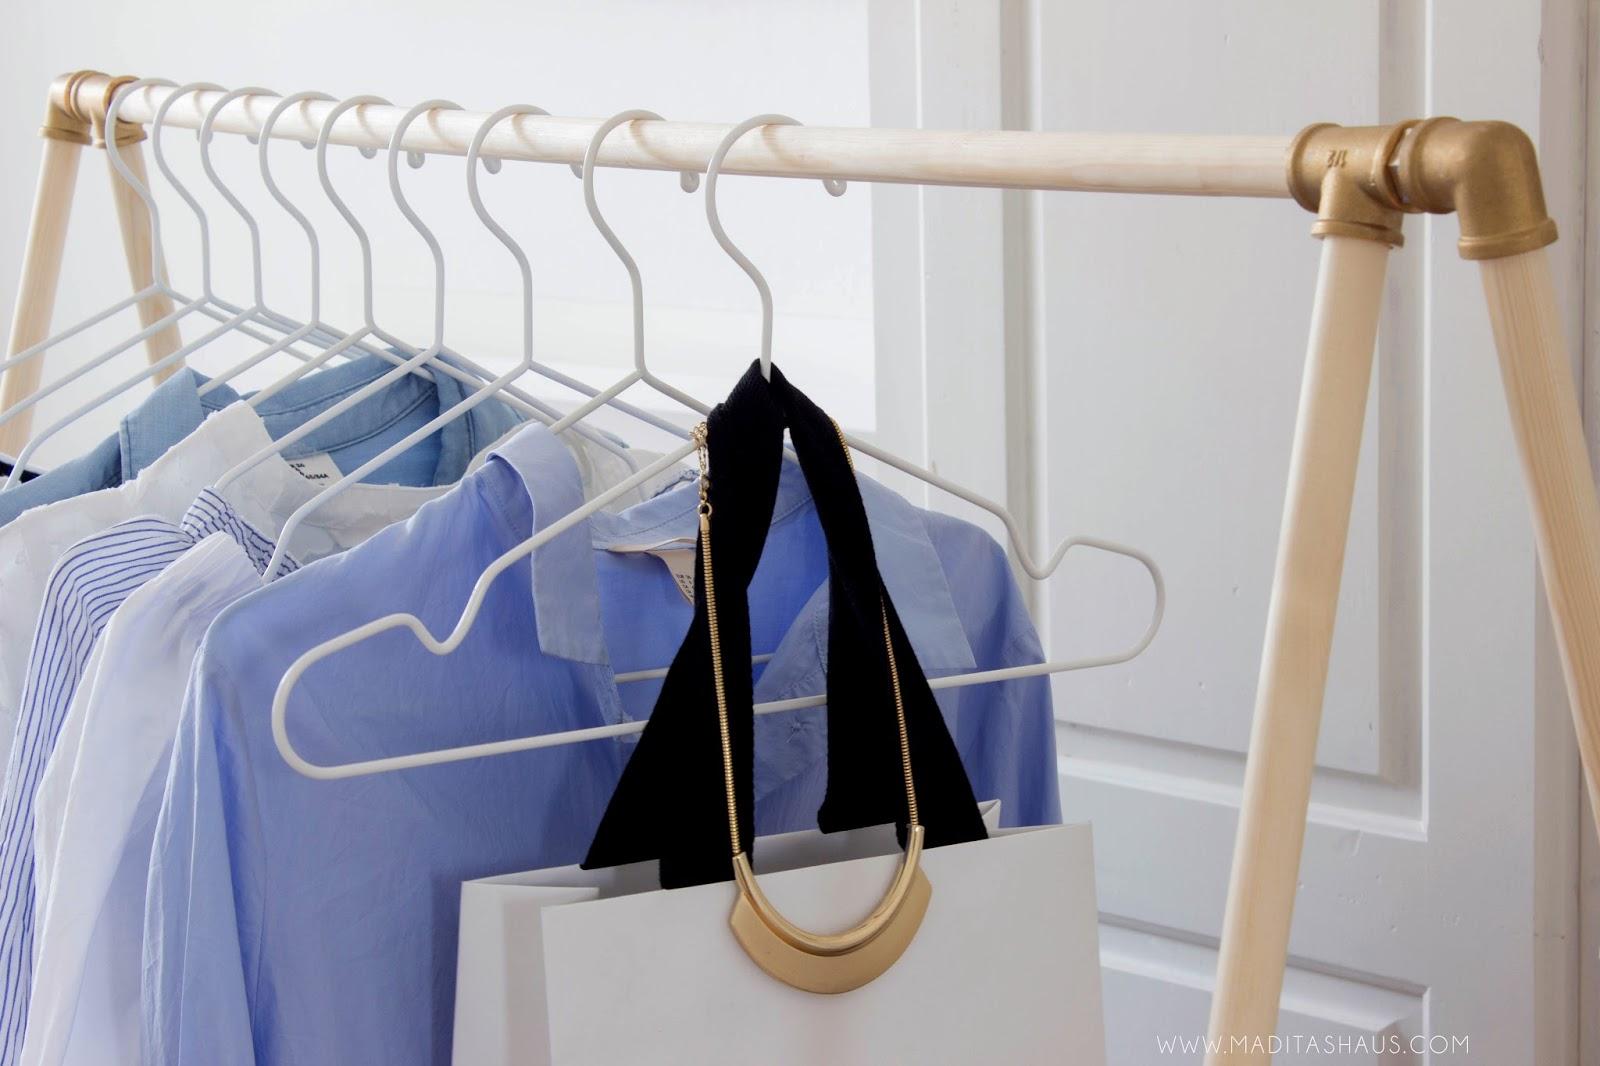 Kleiderstander Aus Rohren Selber Bauen Kleiderstange Fur Wand